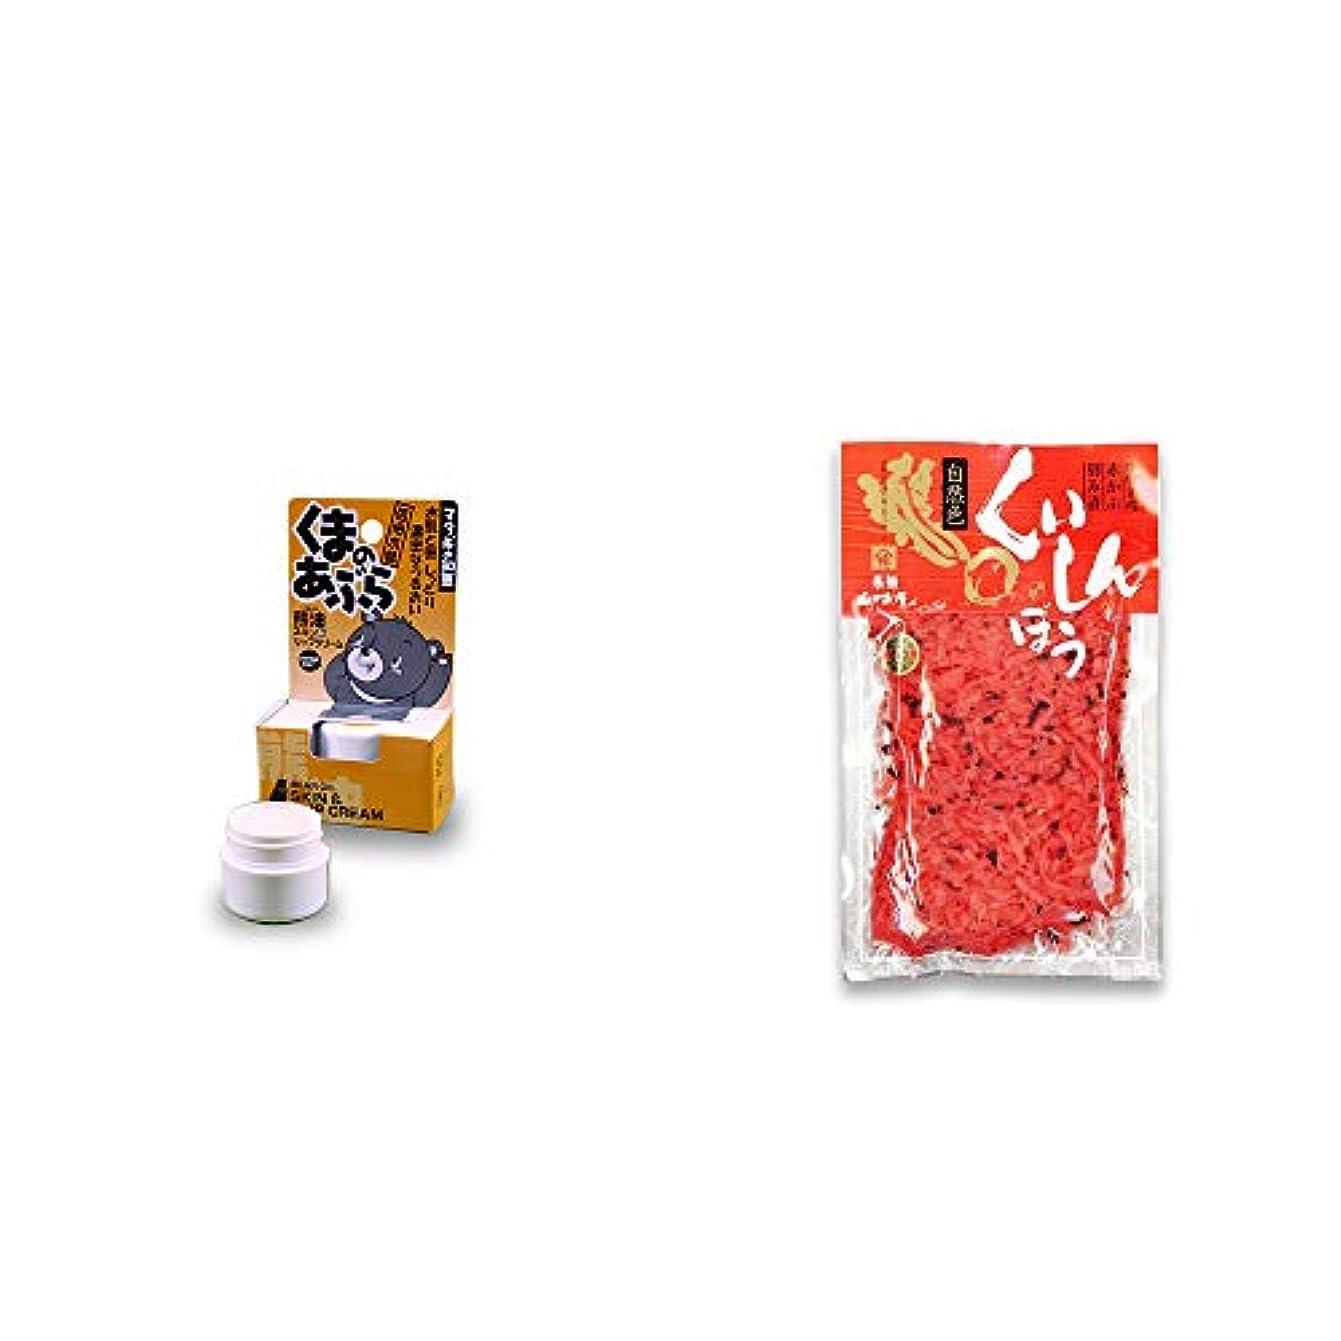 霜インスタント便利さ[2点セット] 信州木曽 くまのあぶら 熊油スキン&リップクリーム(9g)?飛騨山味屋 くいしんぼう【大】(260g) [赤かぶ刻み漬け]